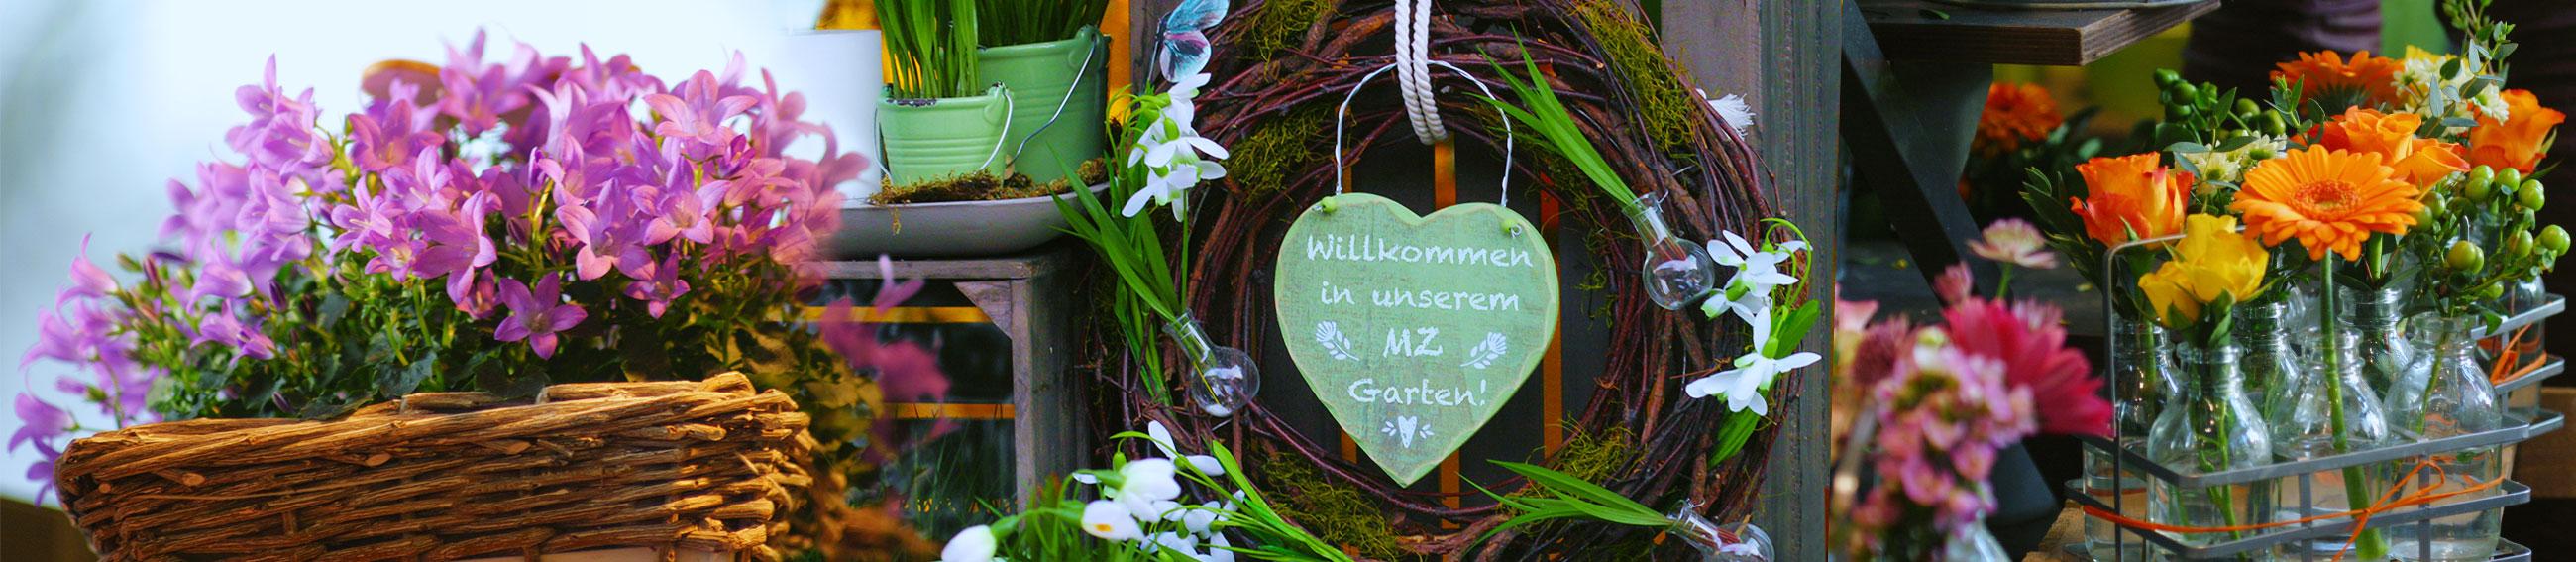 Garten im M*Z. Foto von L.Vandrei